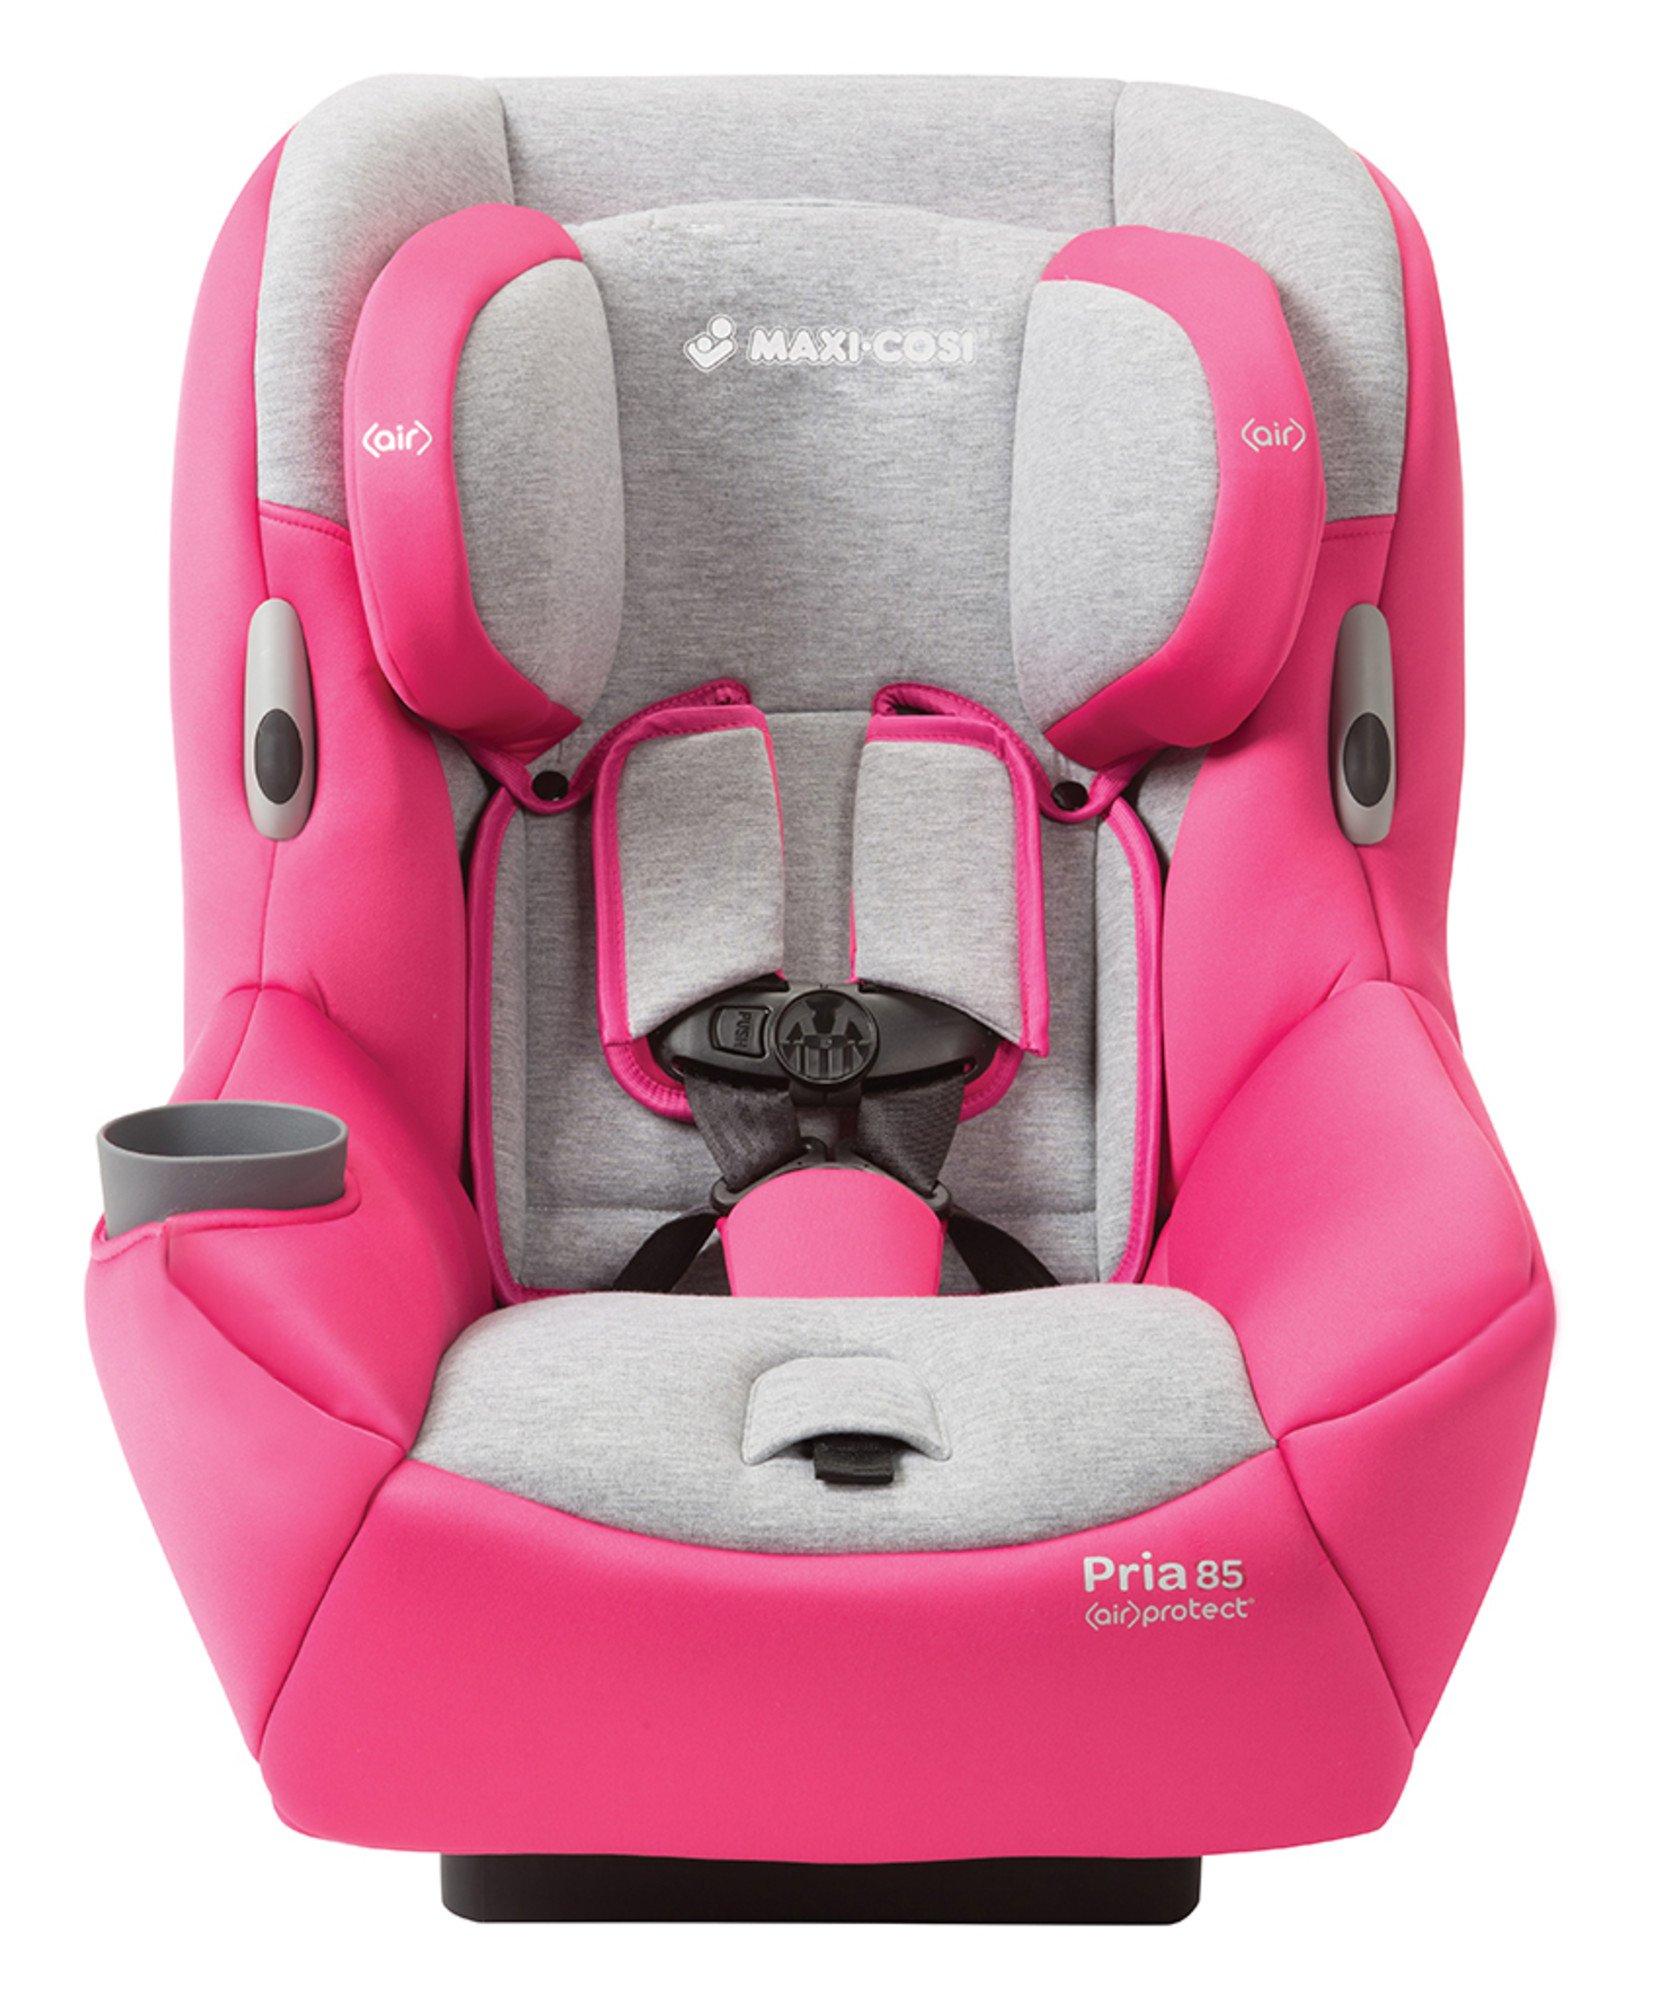 Amazon Maxi Cosi Pria 85 Convertible Car Seat Passionate Pink